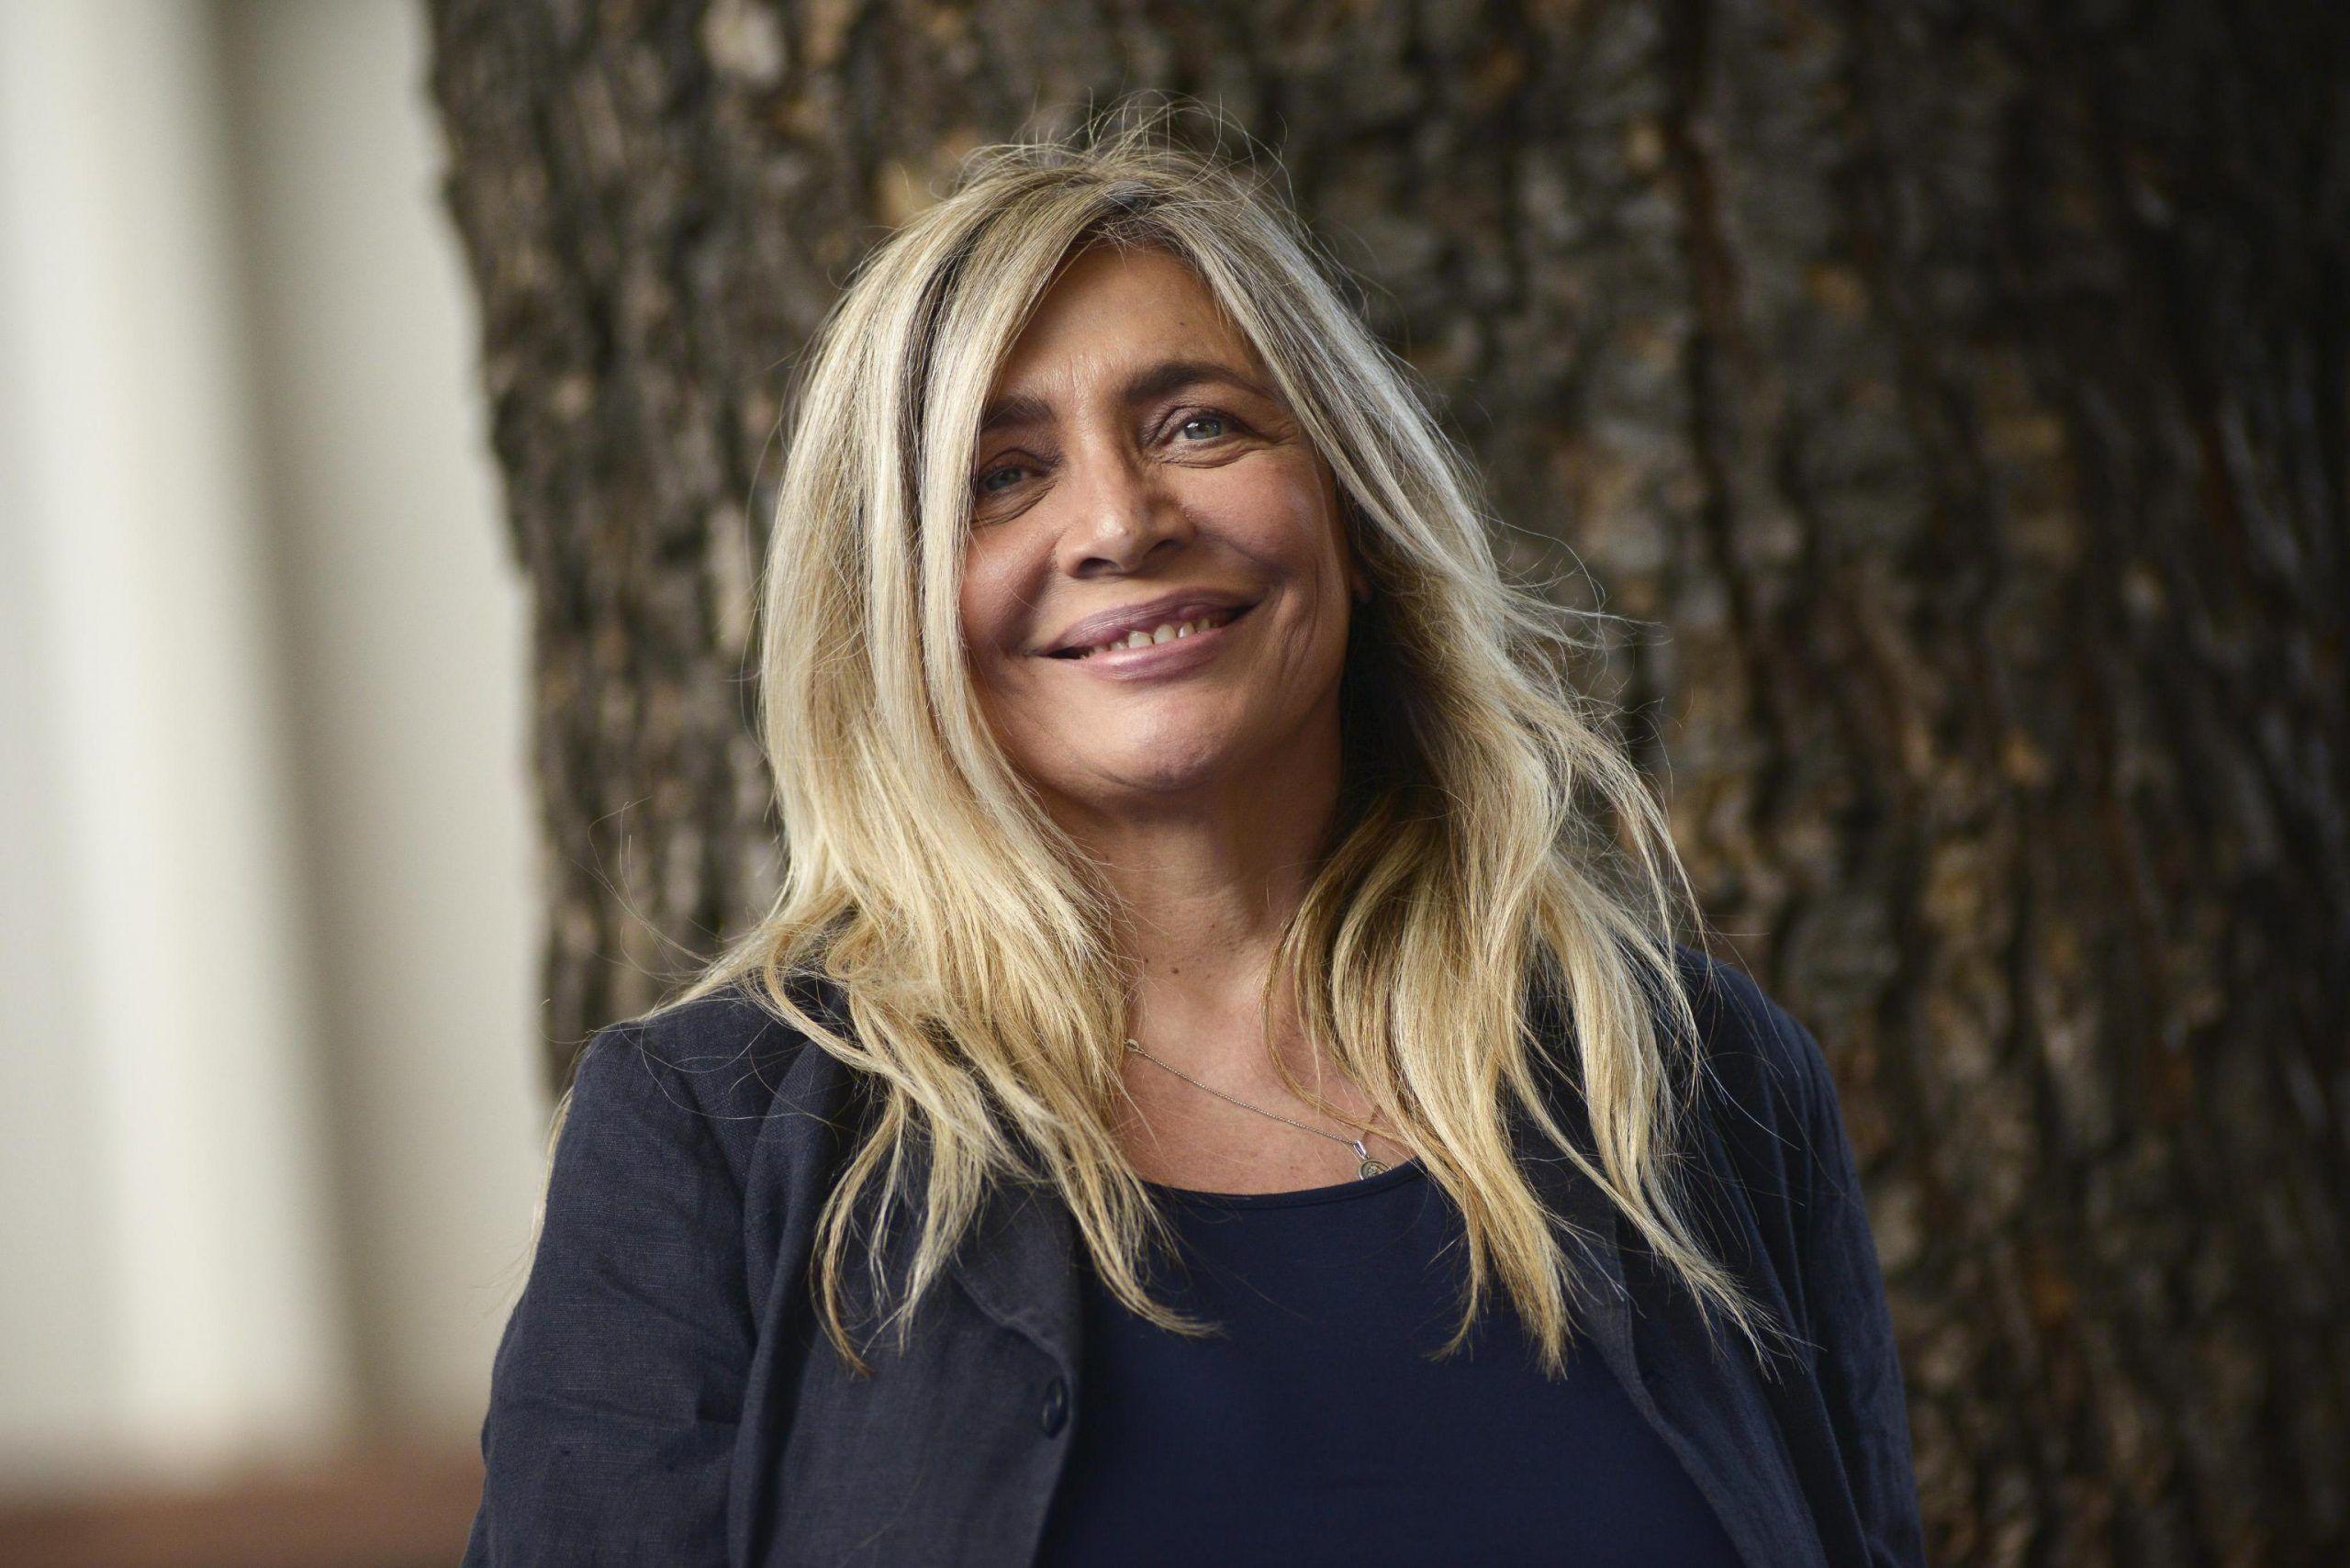 Mara Venier contro le diete: 'Non me ne frega più niente, non devo più piacere a nessuno'